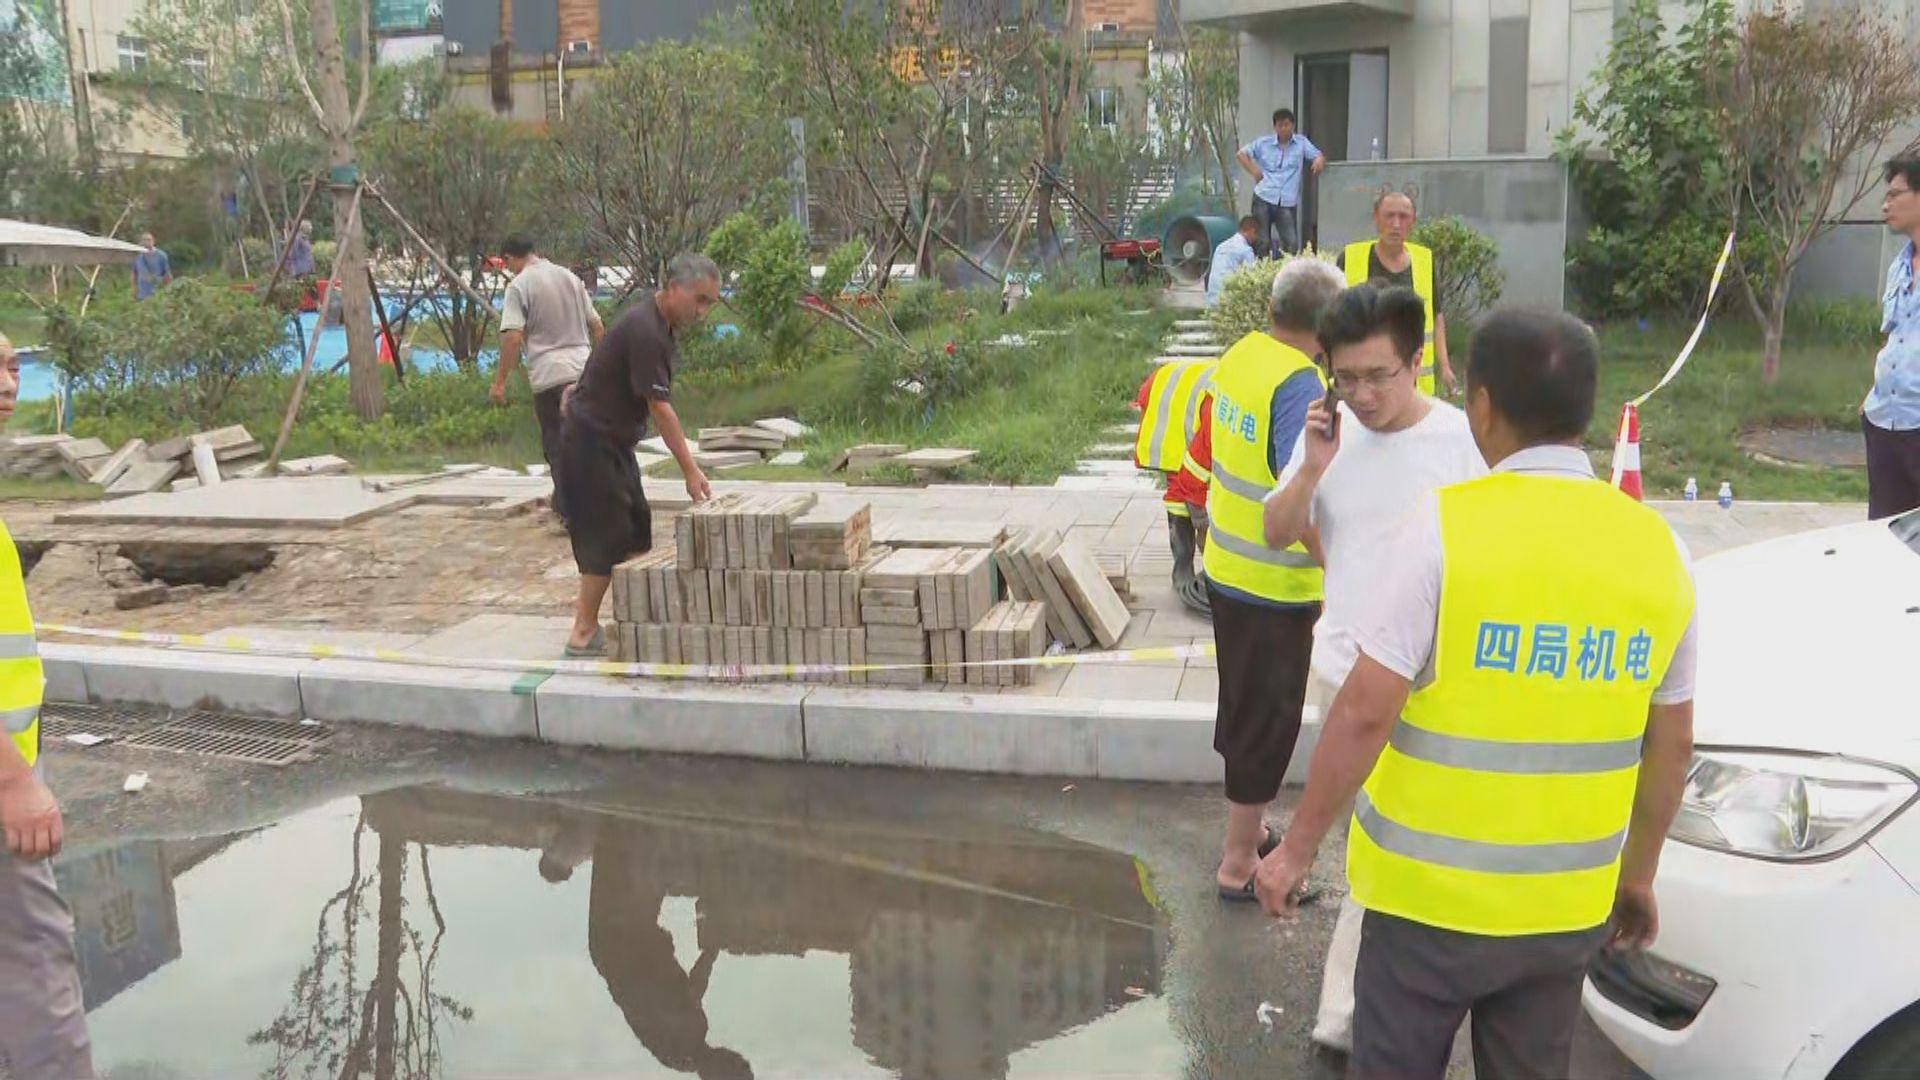 鄭州市面陸續恢復正常 京廣路隧道據報仍有人失蹤